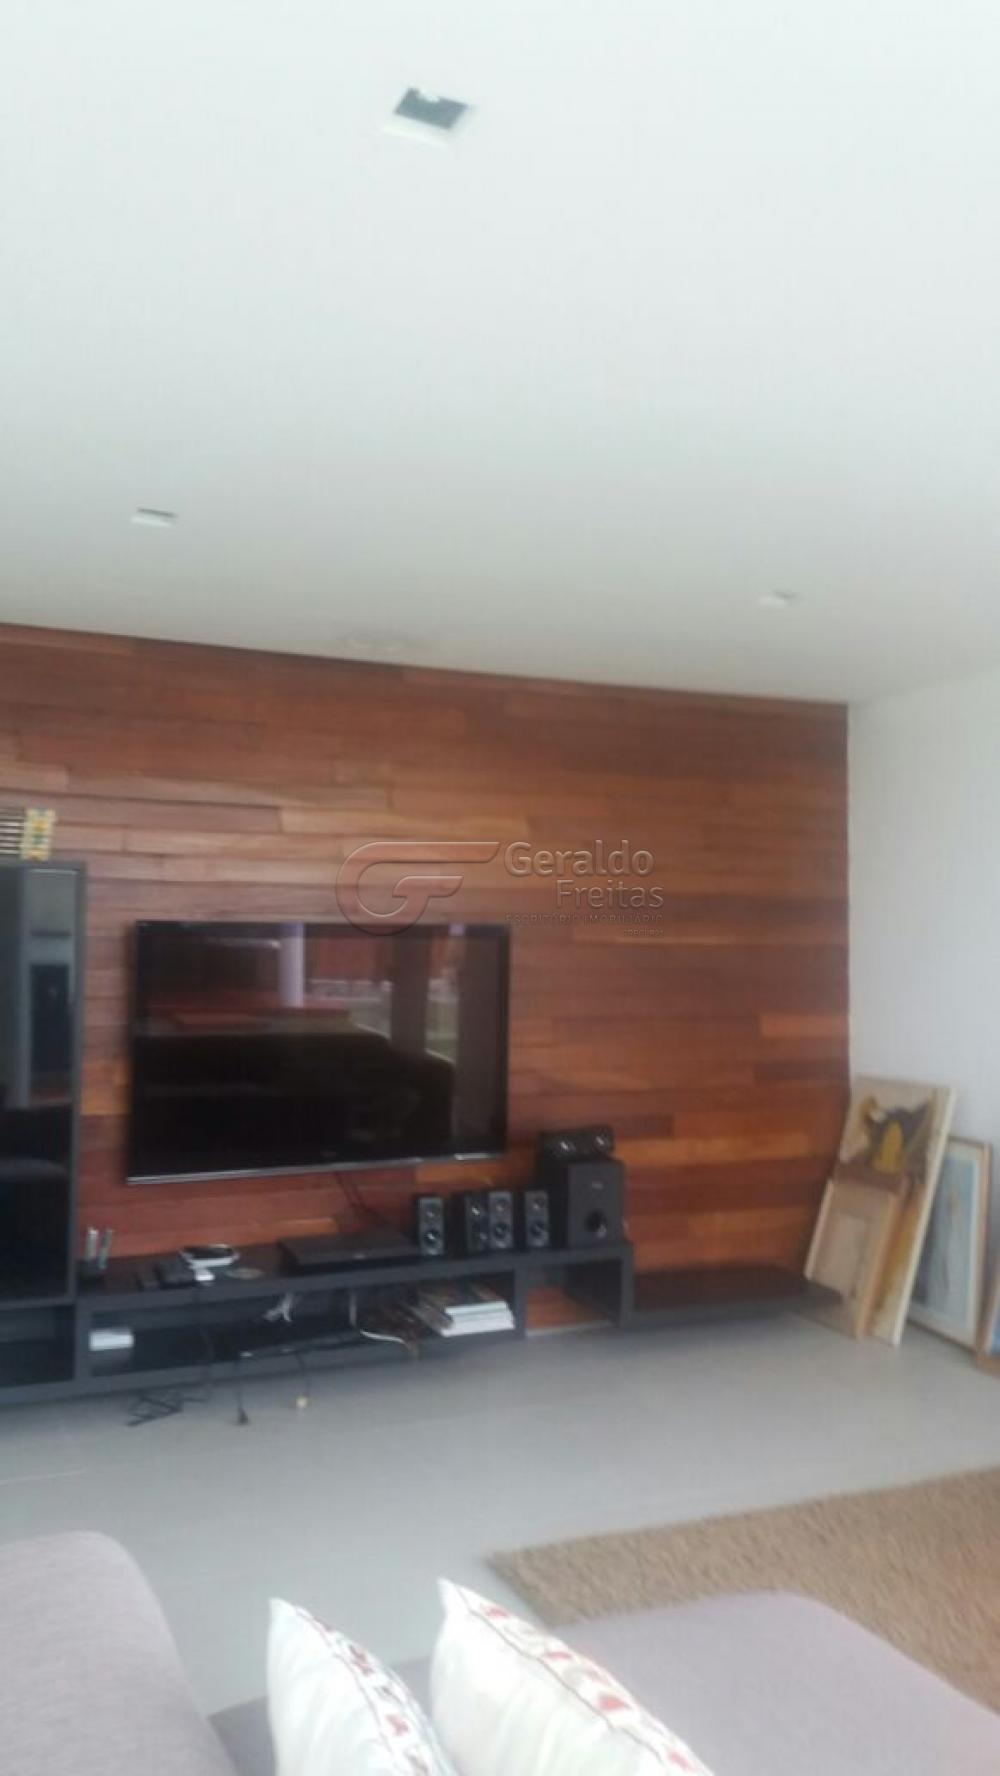 Alugar Casas / Condominio em Marechal Deodoro apenas R$ 10.000,00 - Foto 46